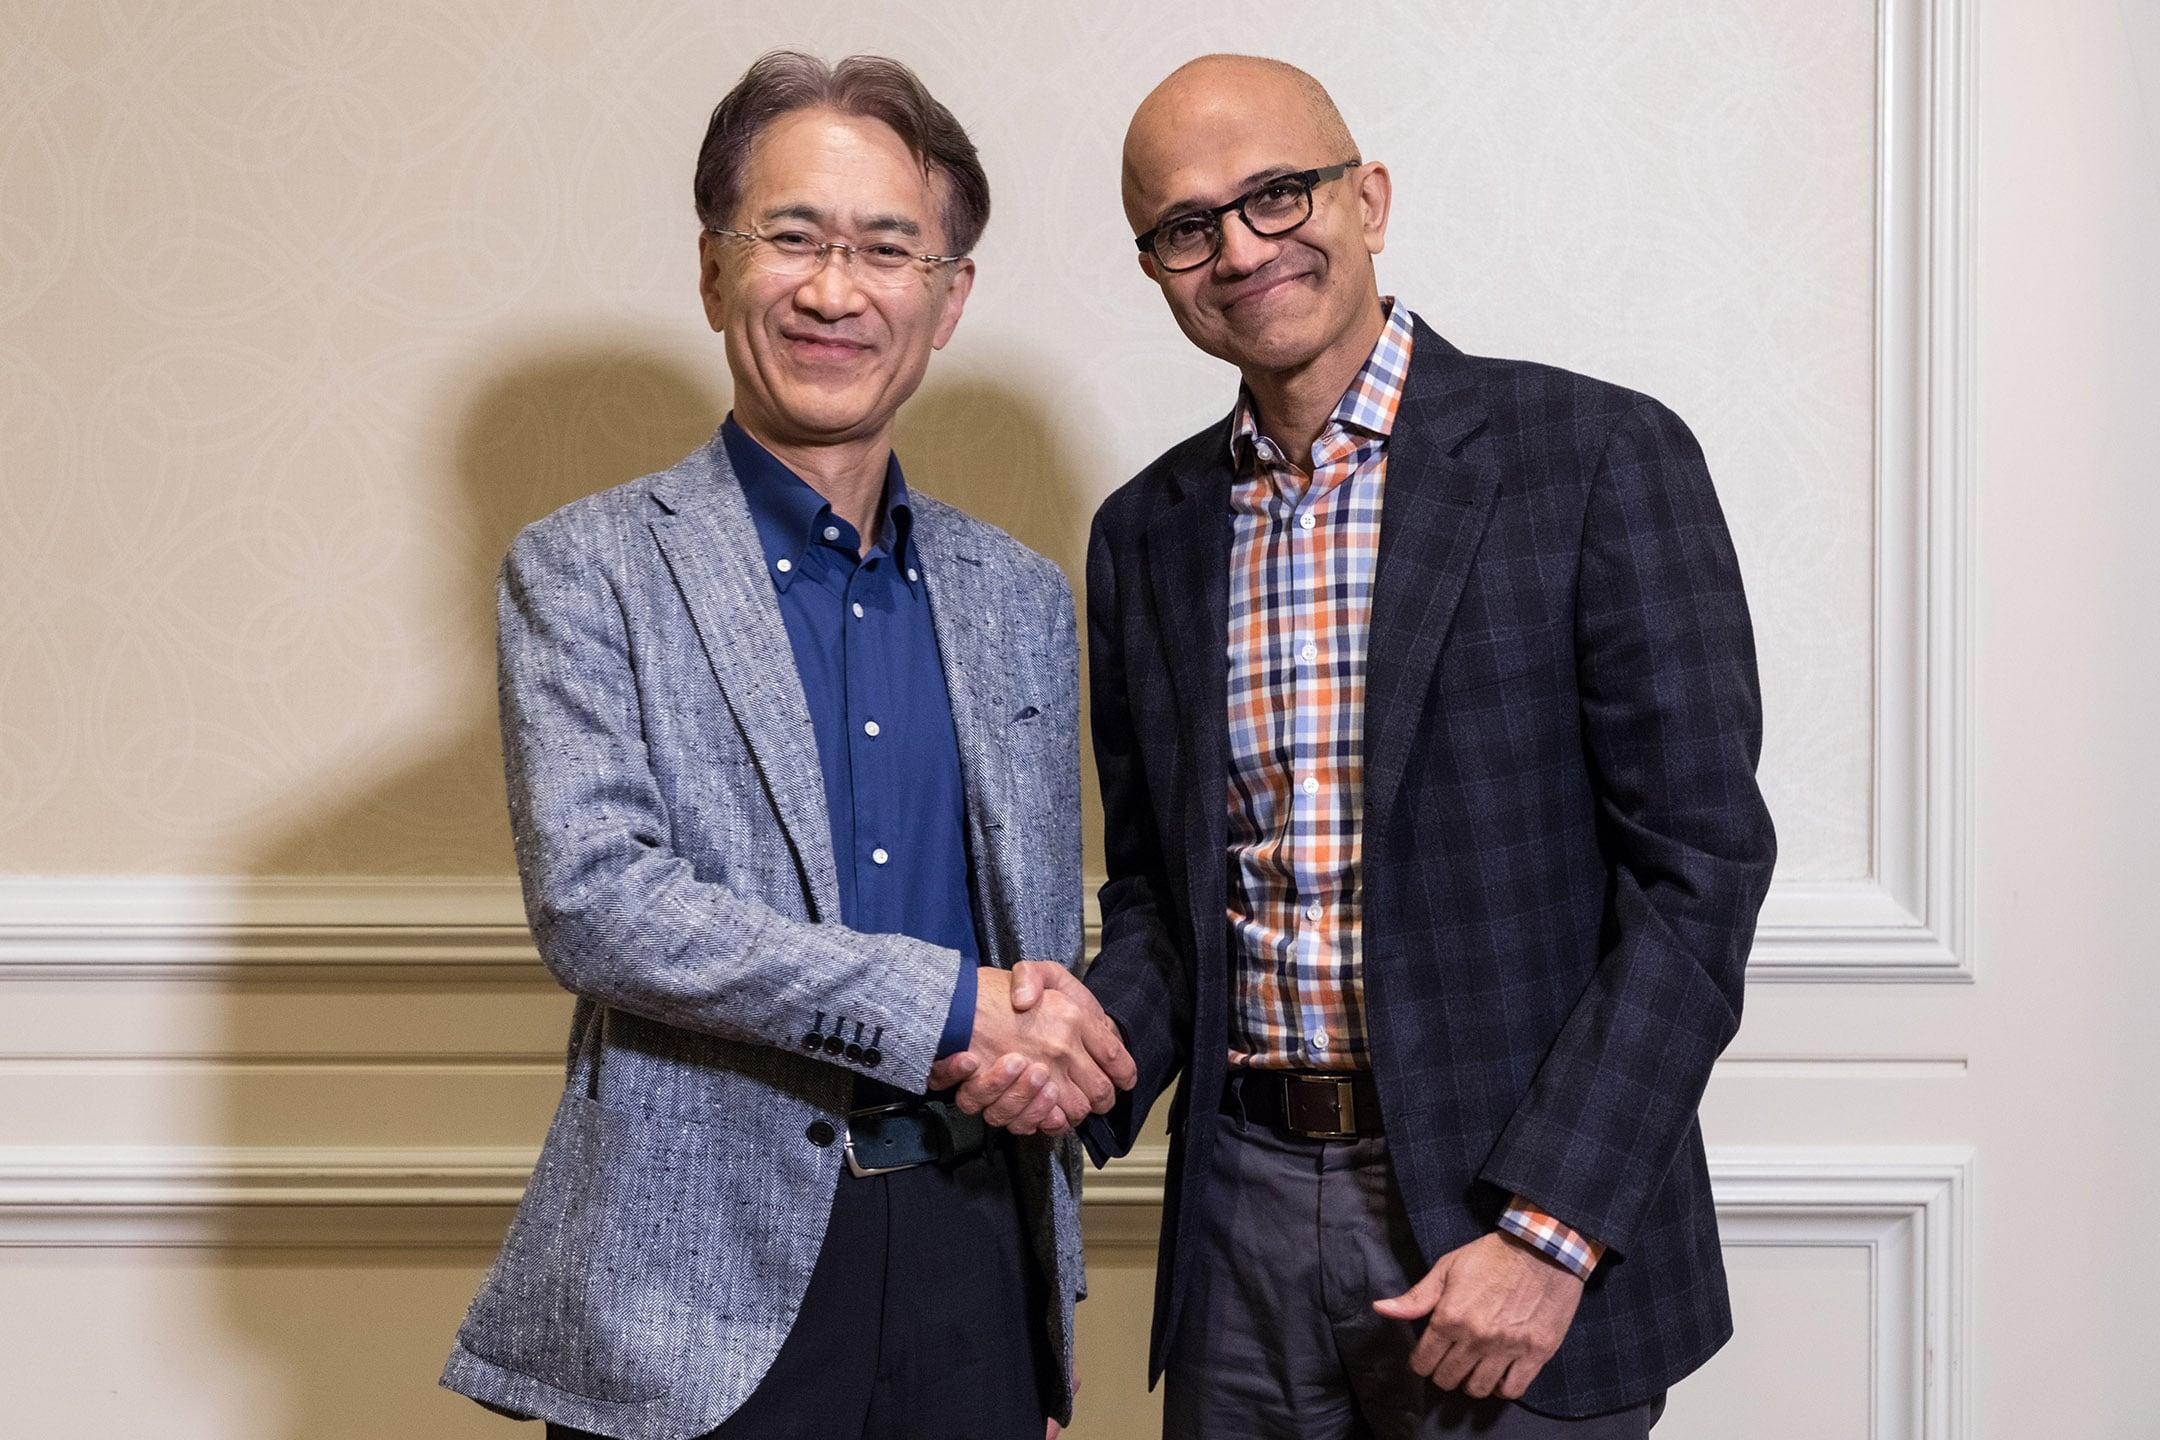 Компаниите Sony и Microsoft приключват тази седмица с твърде неочаквано